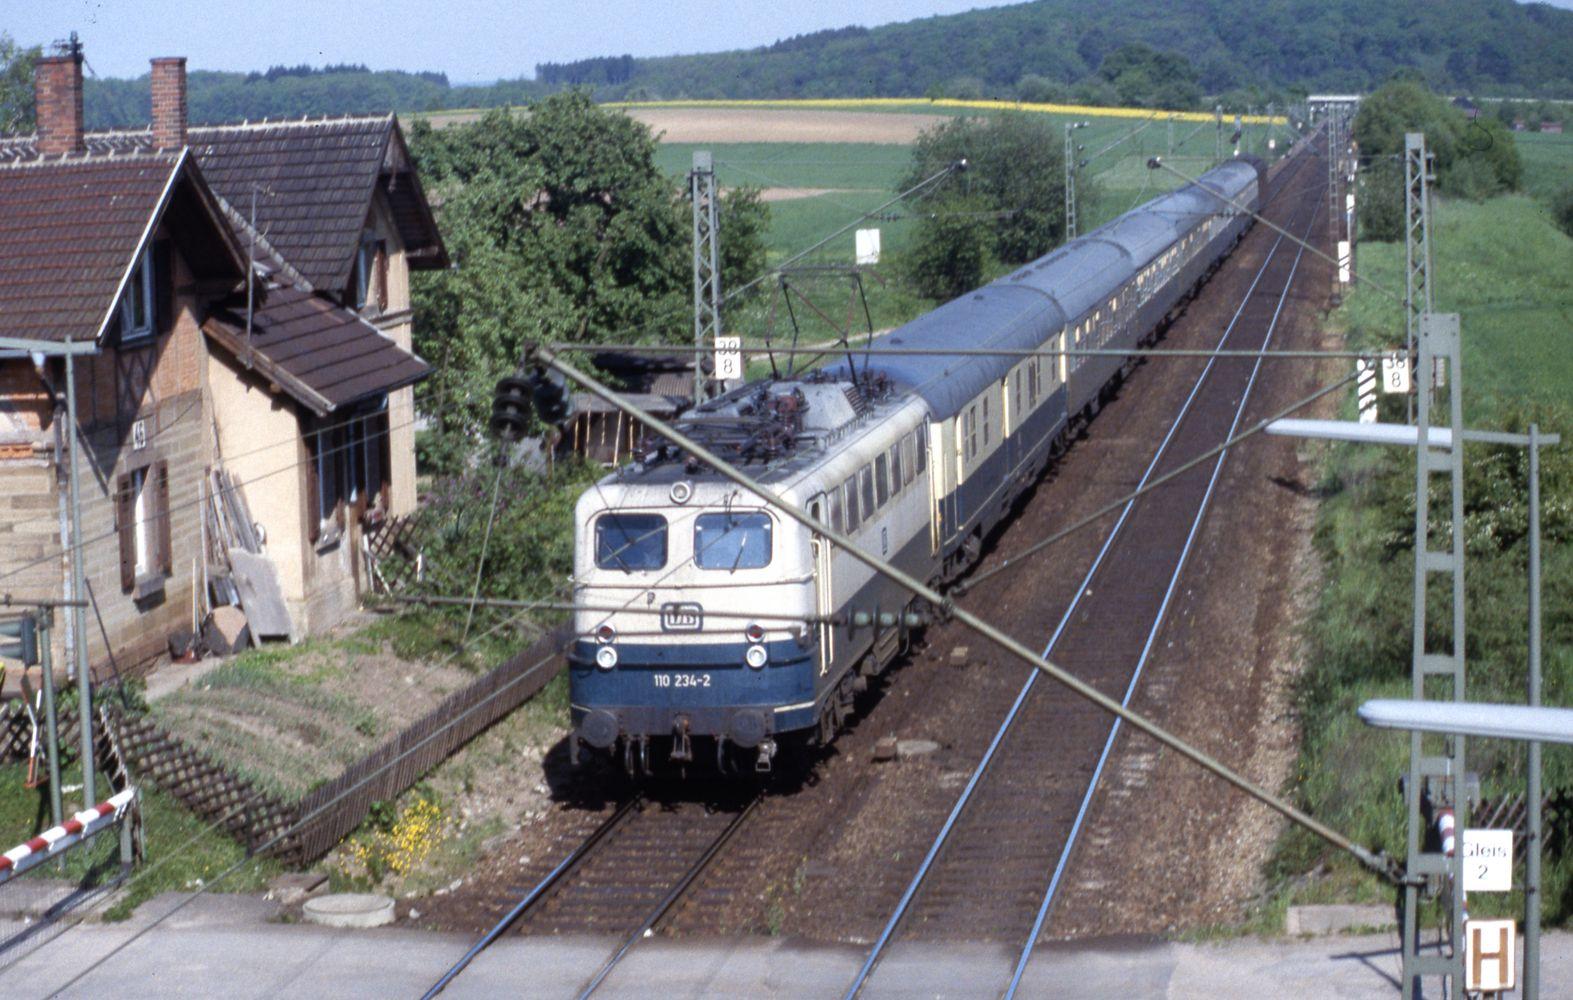 http://e94114.de/fotoalbum/eisenbahn/129-024_110-234_HP-Ensingen_09.05.1989.jpg